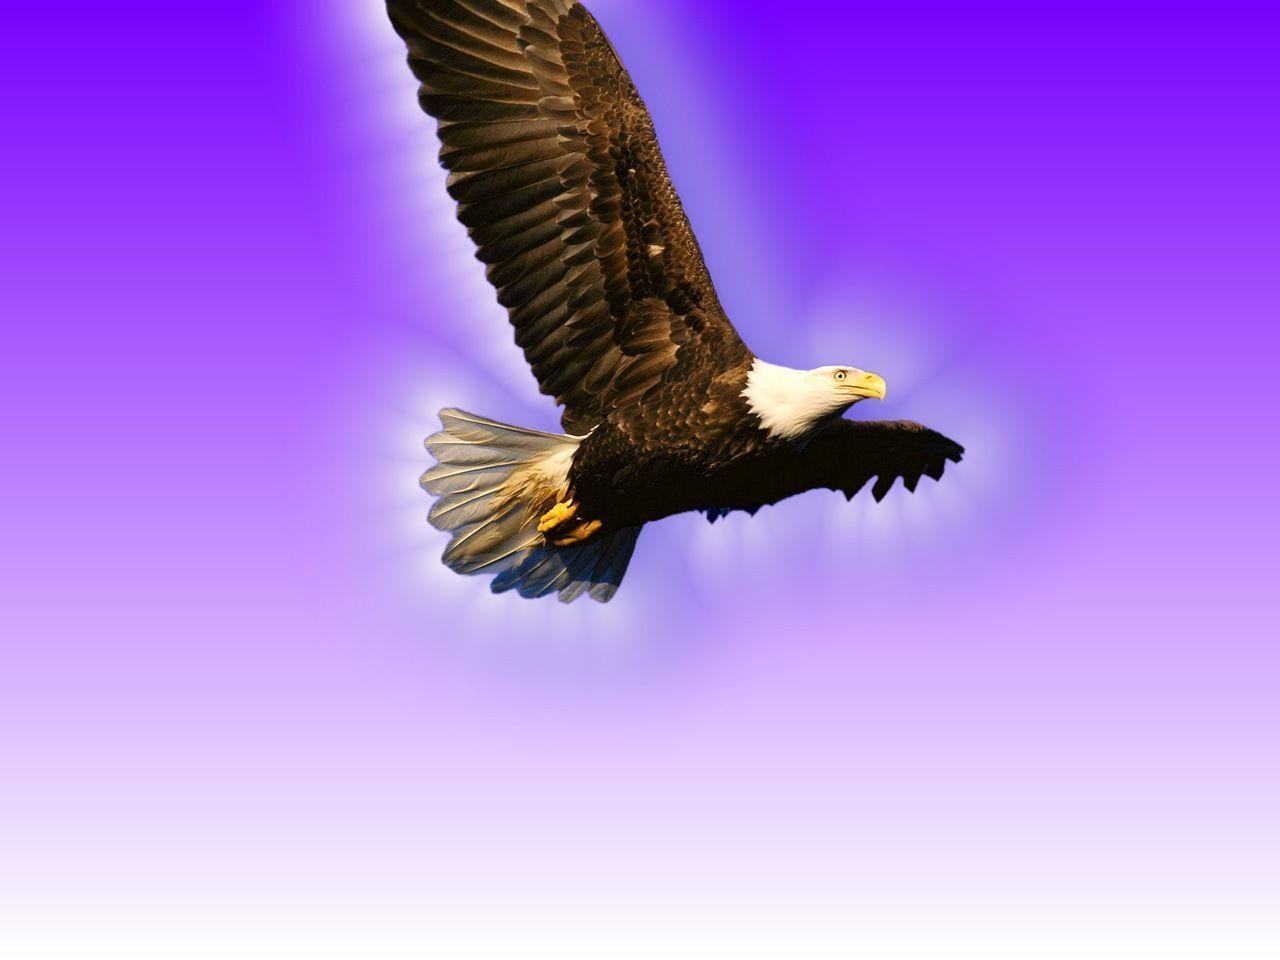 Гиф, картинка орла с надписью